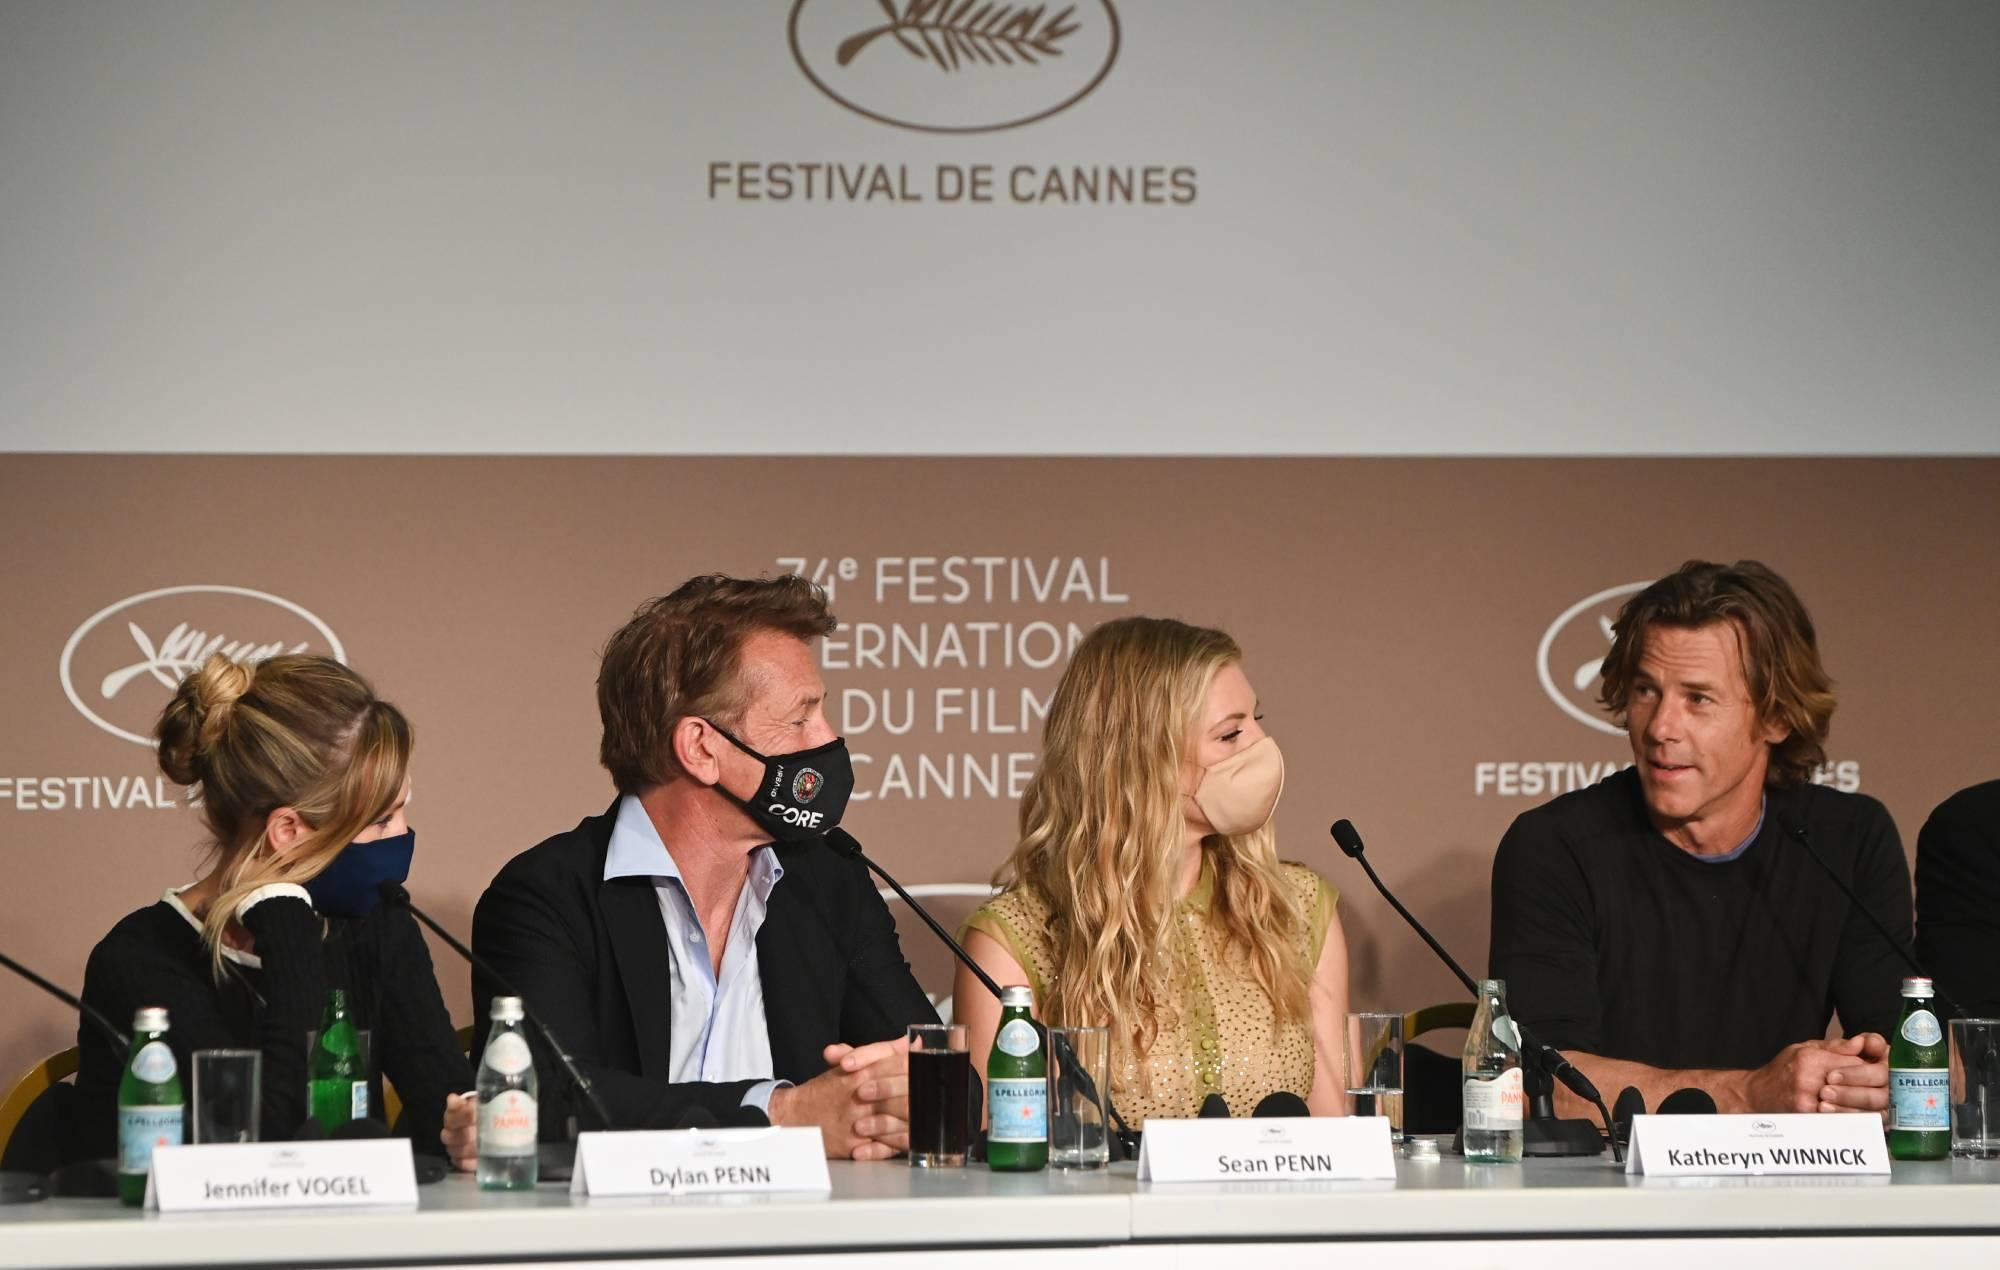 Sean Penn Cannes 2021